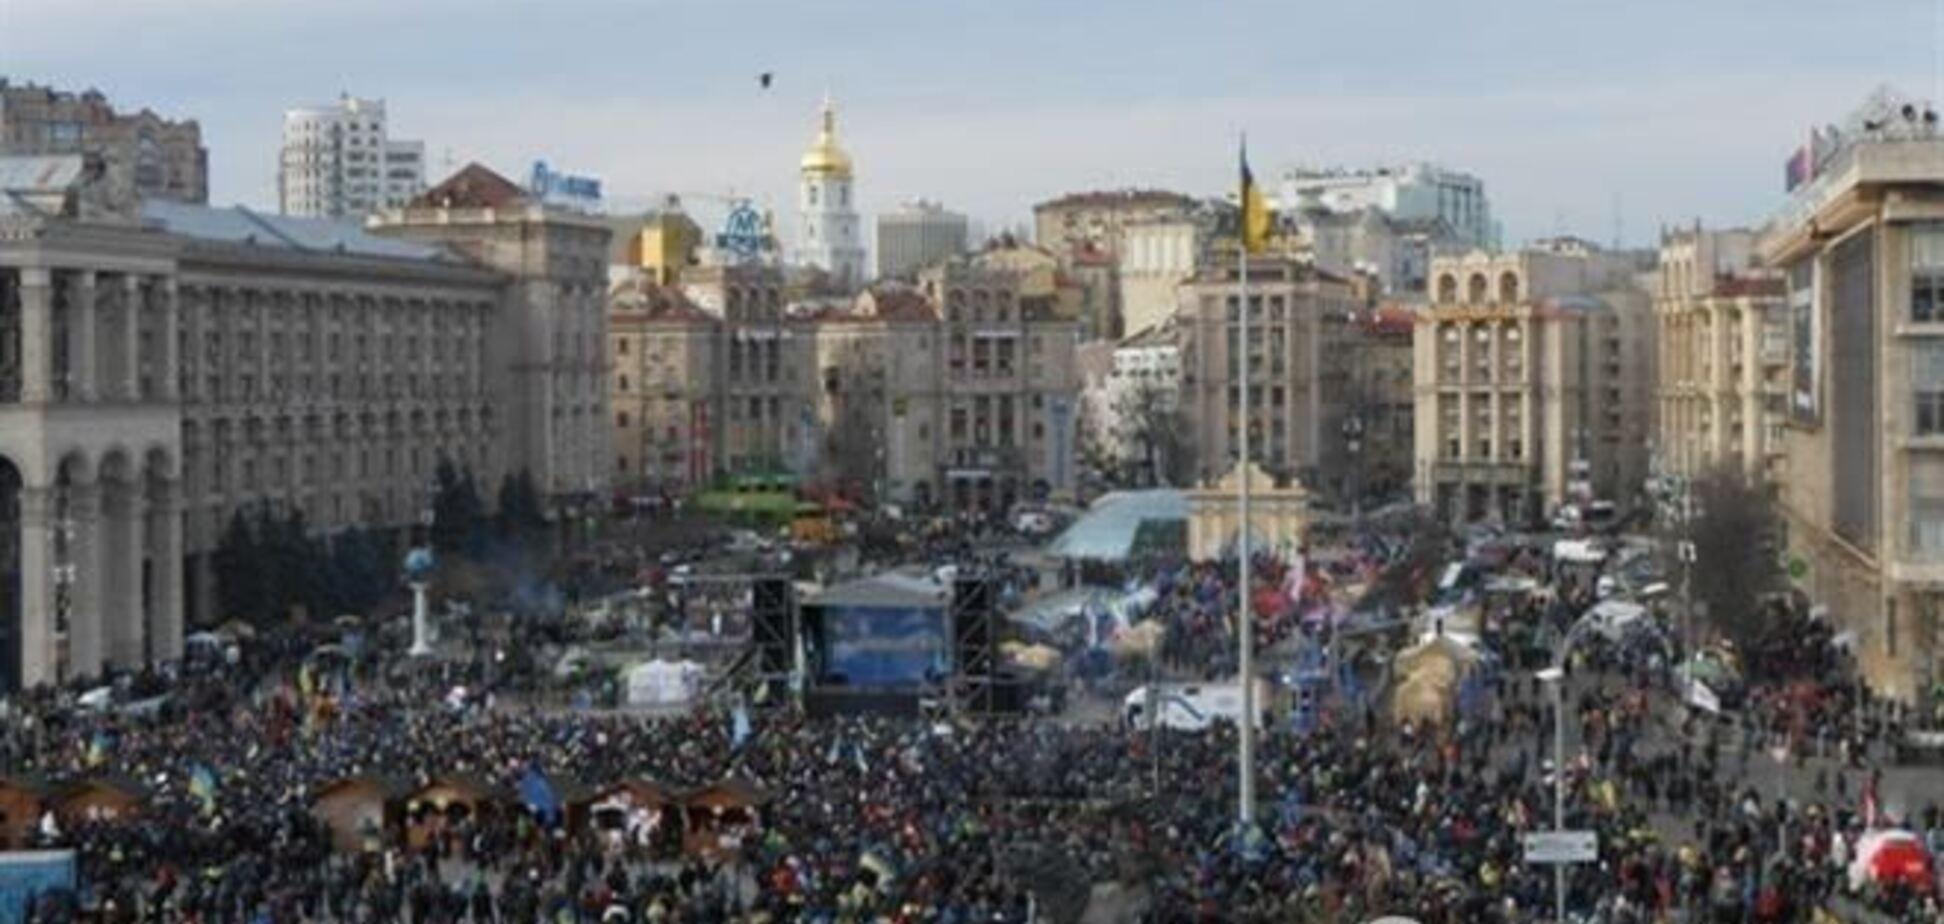 МВД насчитало под Радой 10 тыс. митингующих